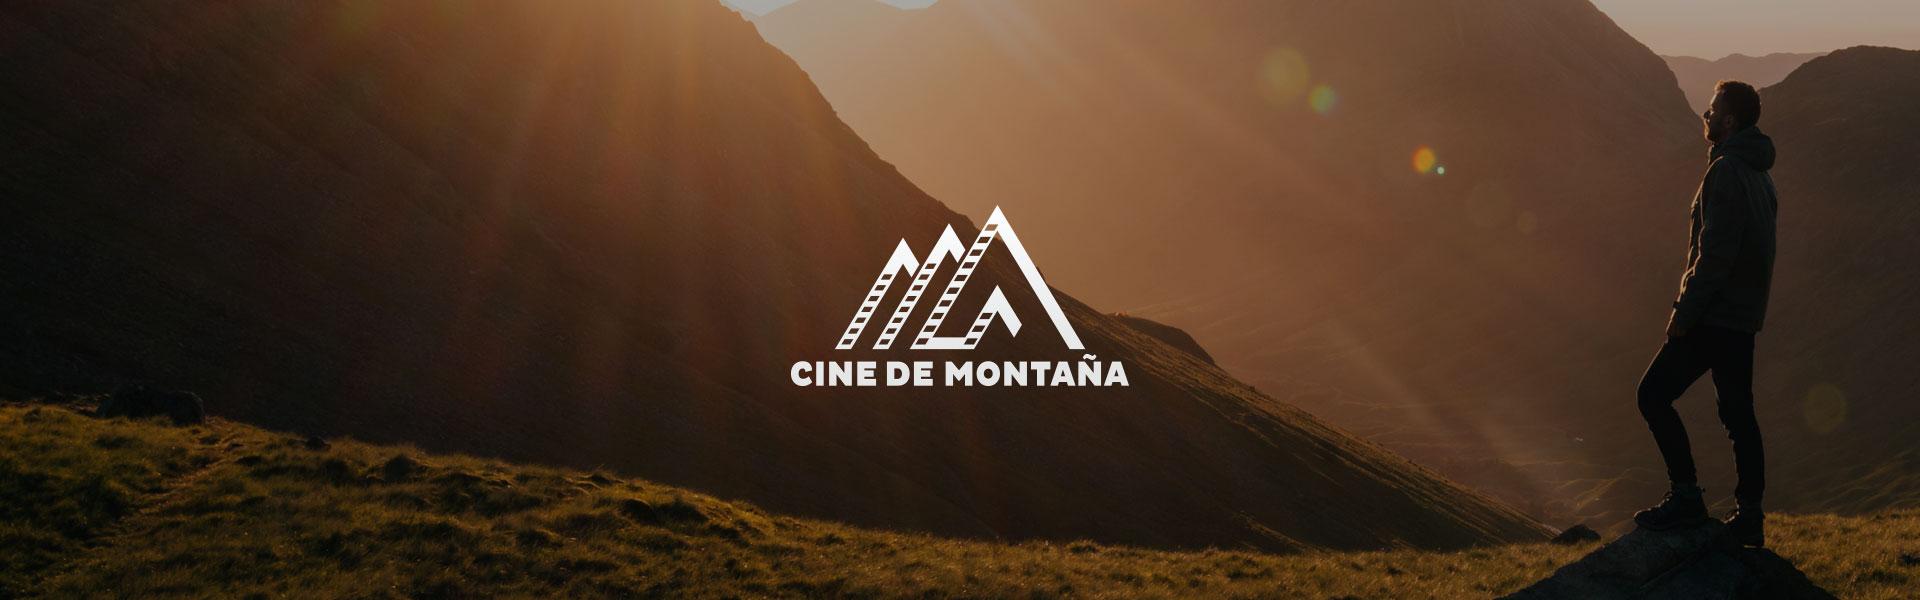 Cine de Montaña